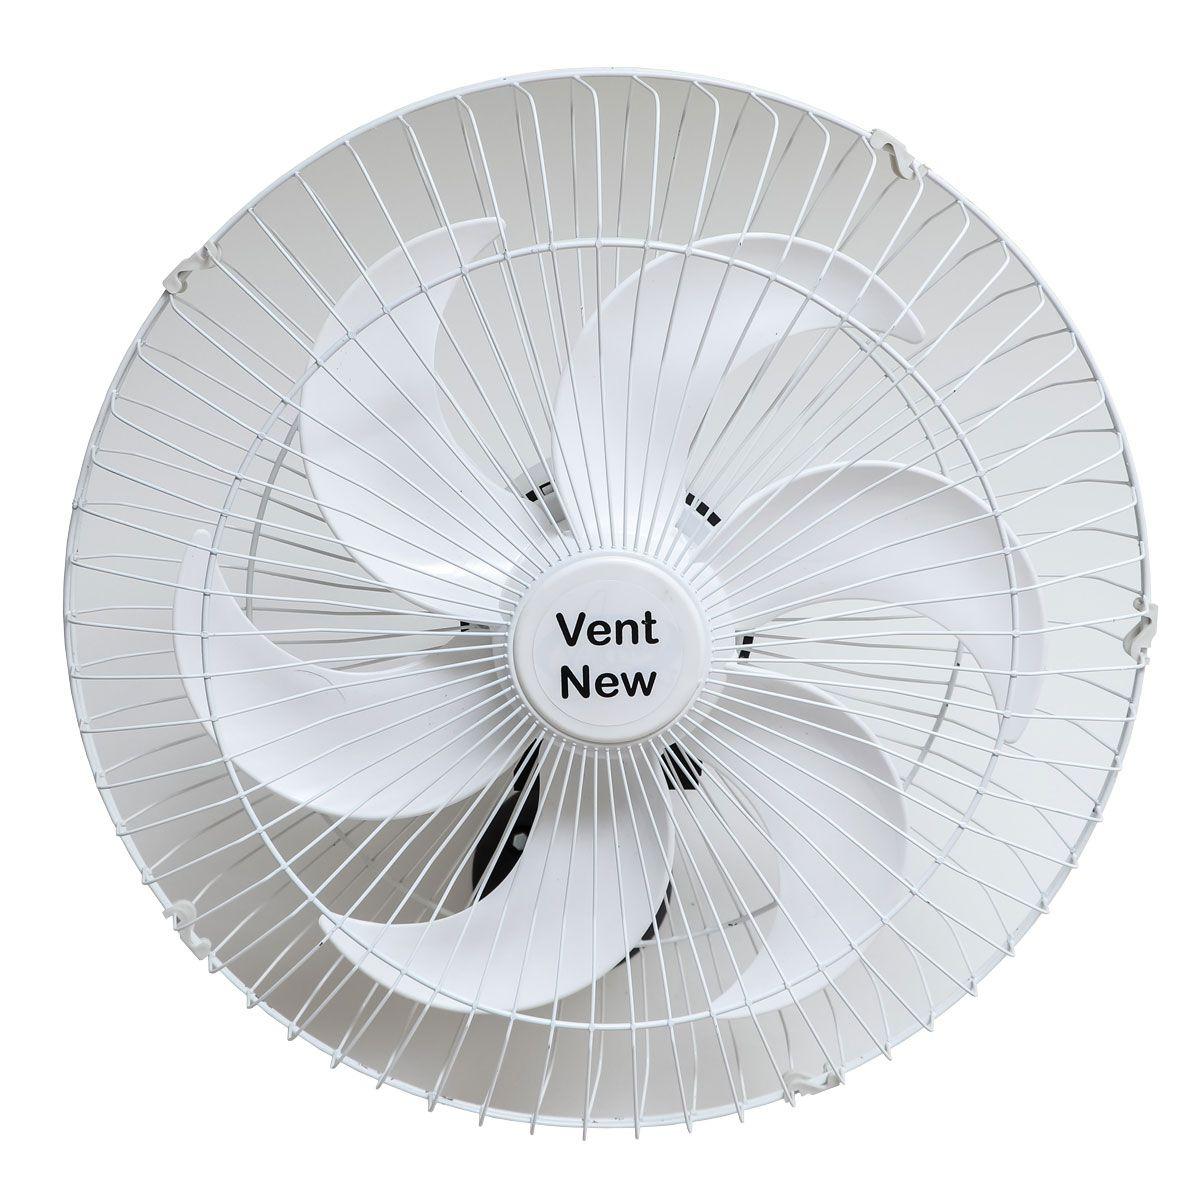 Kit 5 Ventiladores Parede Oscilante 50 Cm Branco / Branco Bivolt Grade Aço